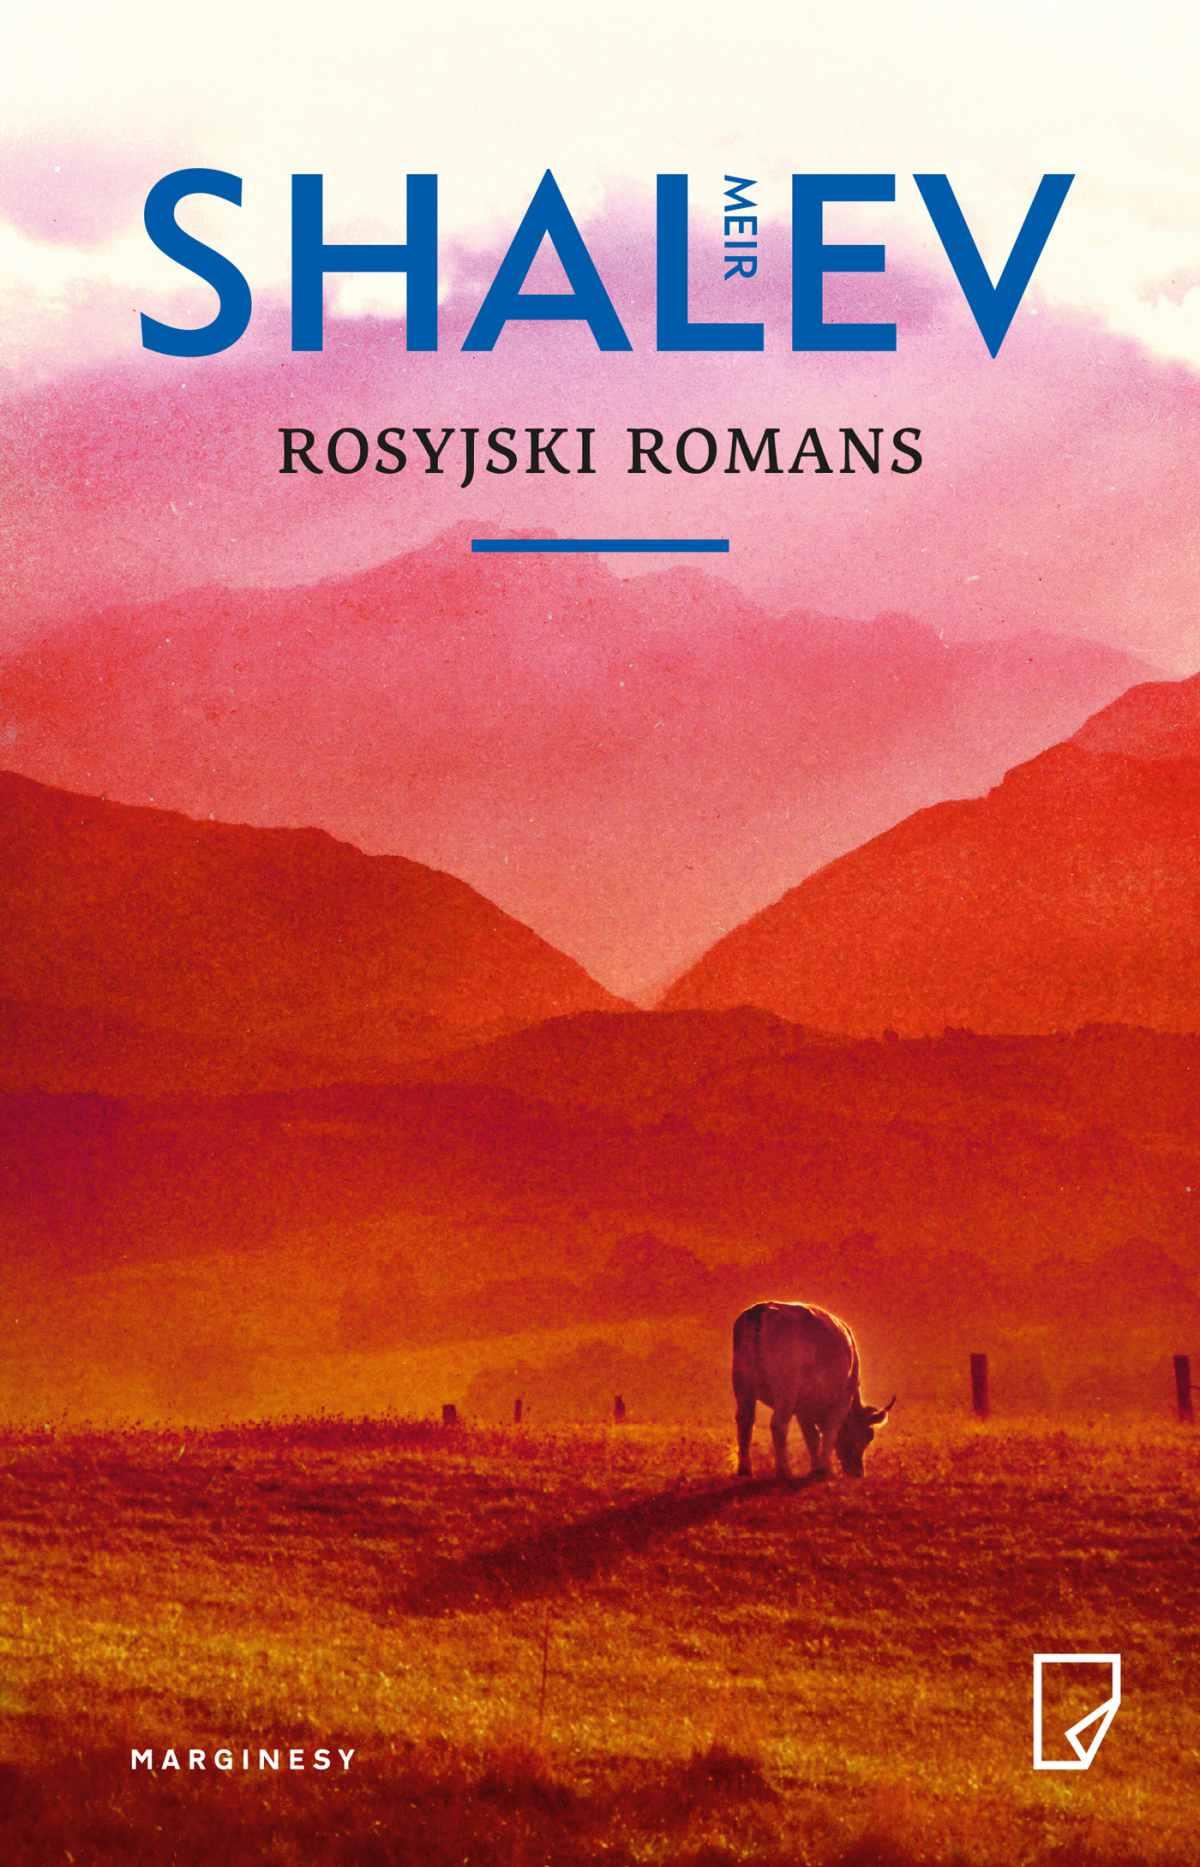 Rosyjski romans - Ebook (Książka na Kindle) do pobrania w formacie MOBI